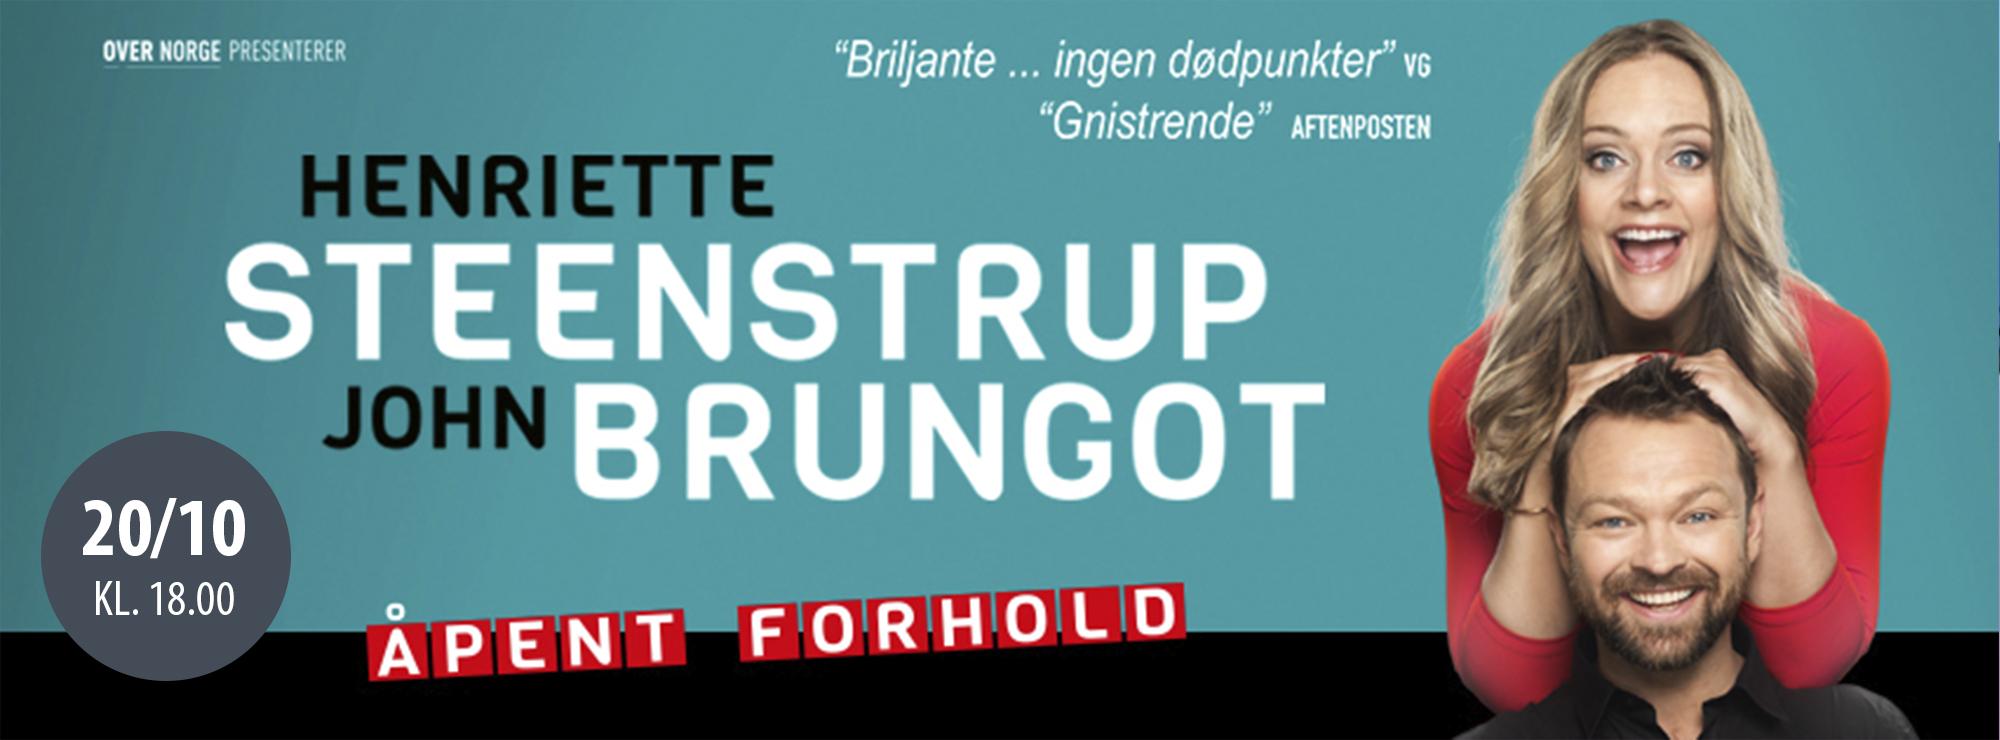 Henriette Steenstrup & John Brungodt: Åpent Forhold